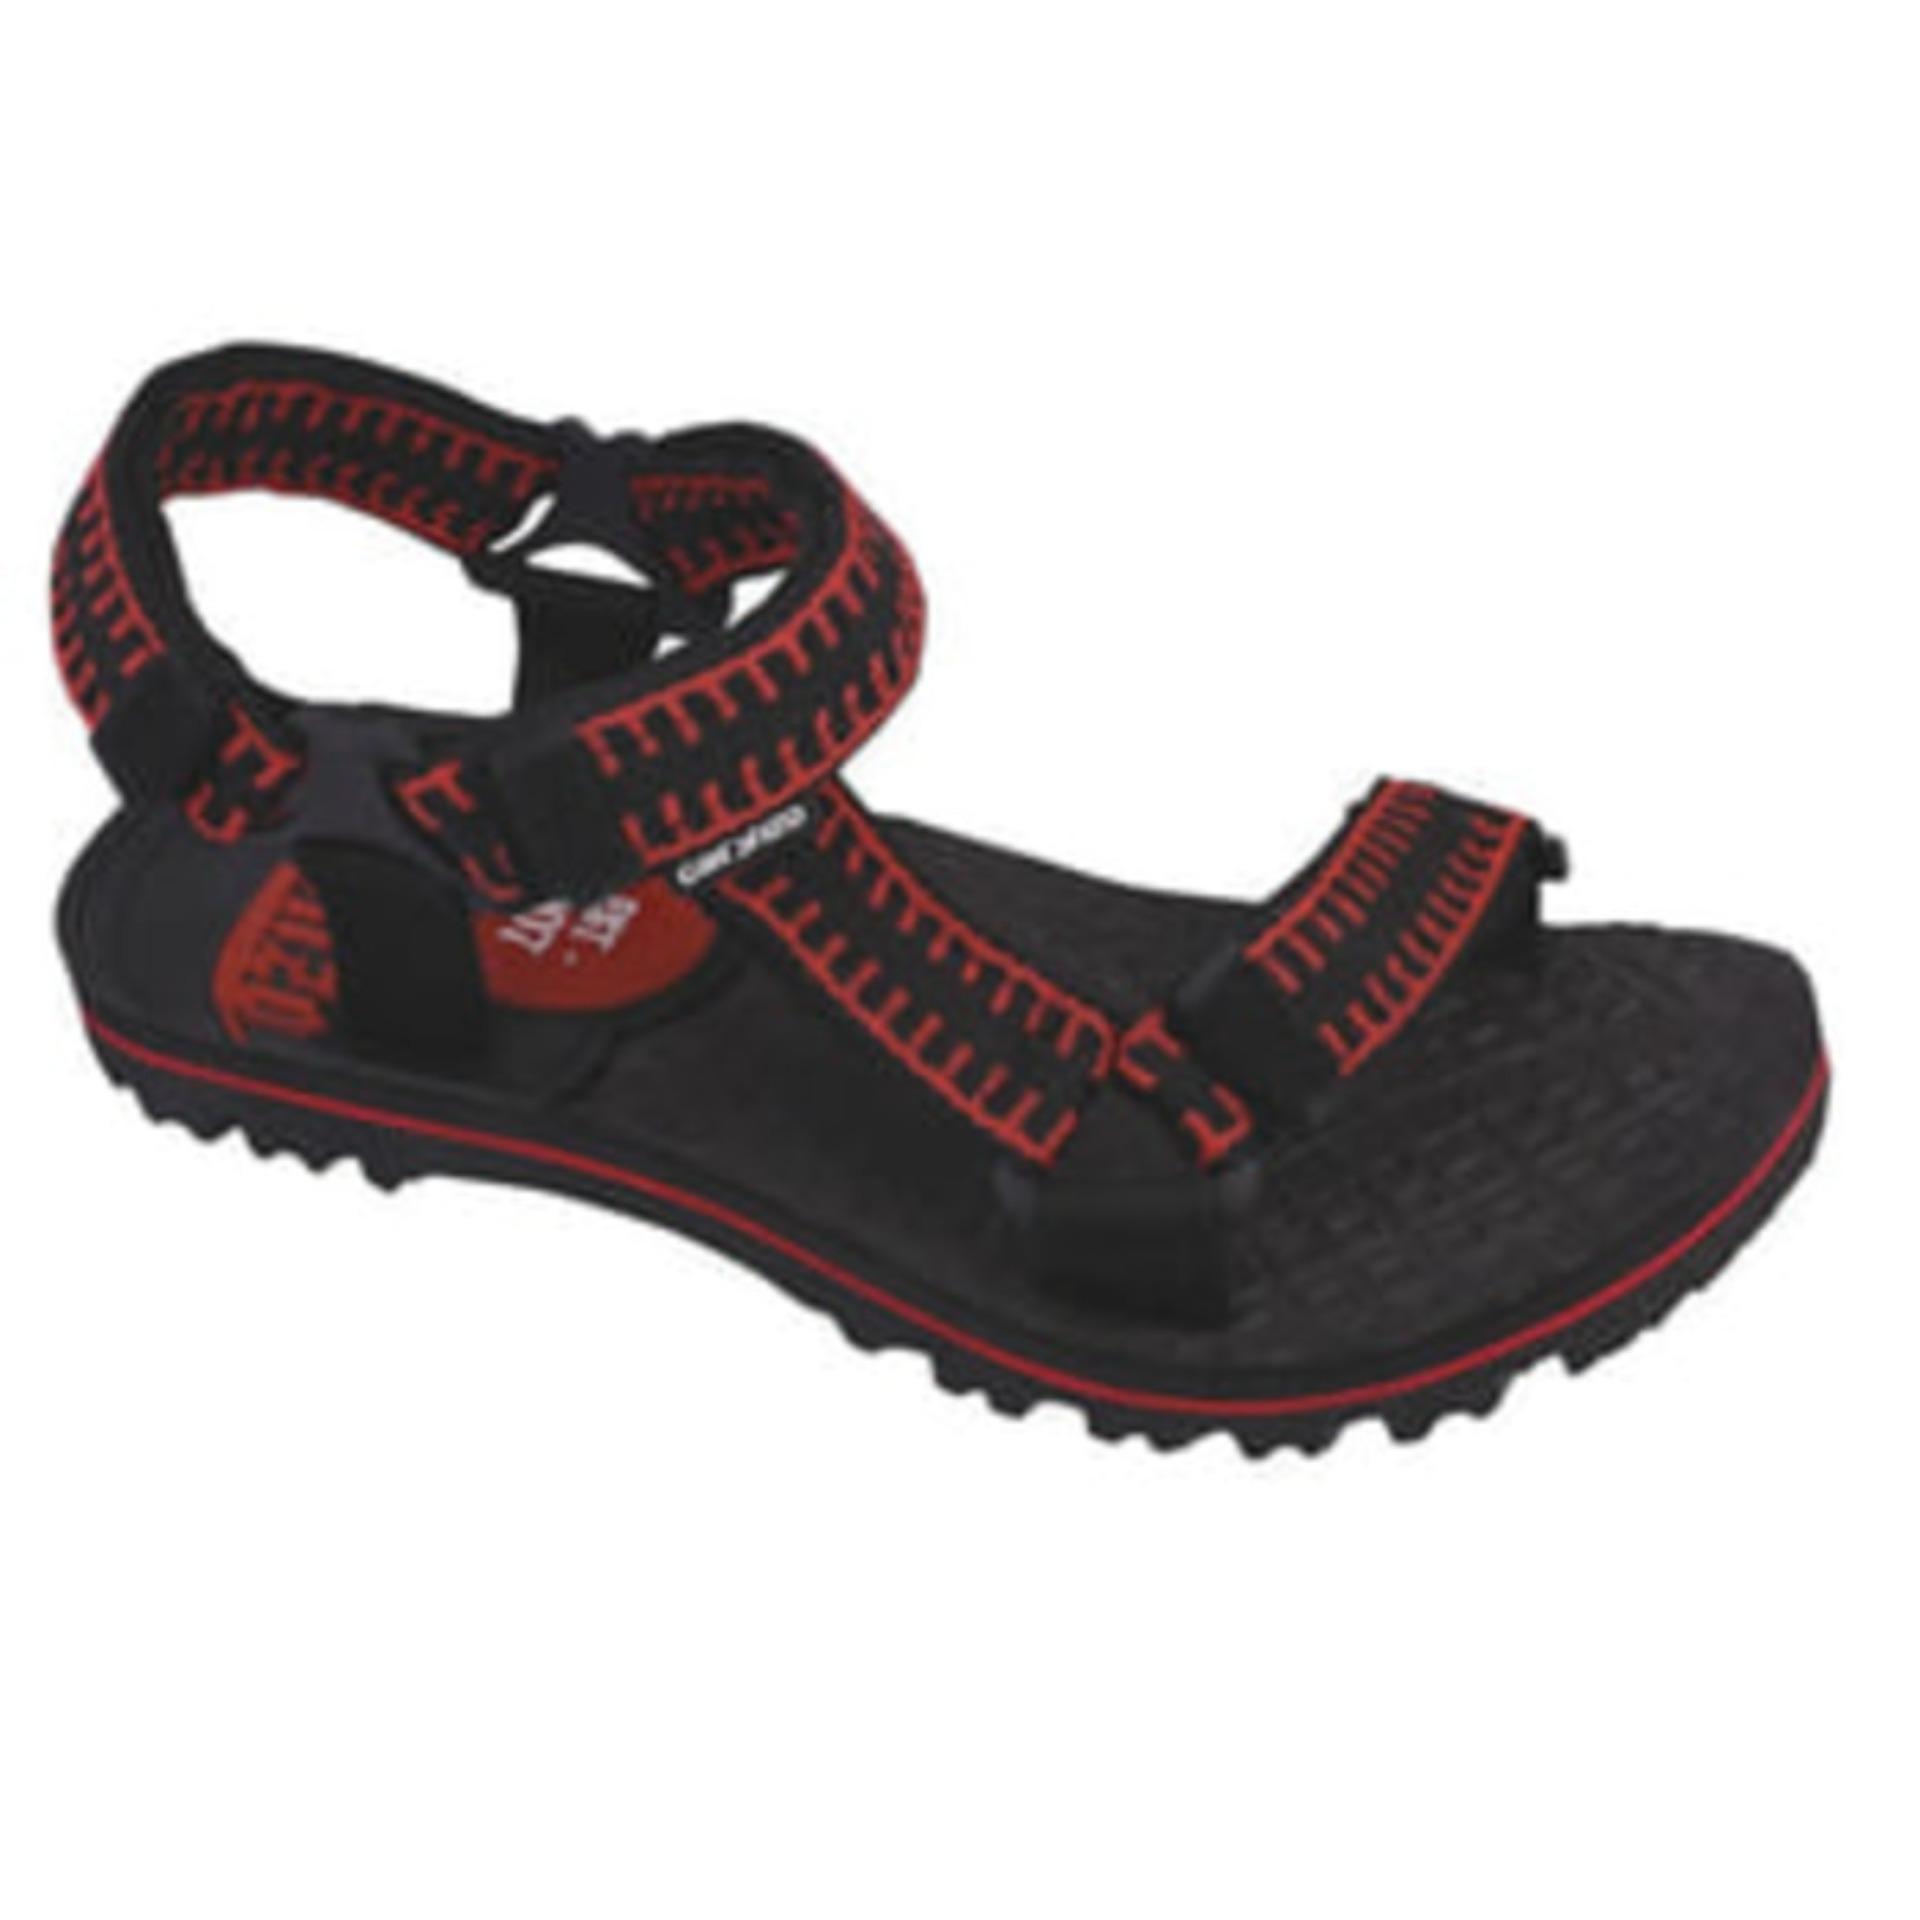 Sandal Gunung pria ASLI DISTRO - Sandal Outdoor Pria gaya ORIGINAL CTZ